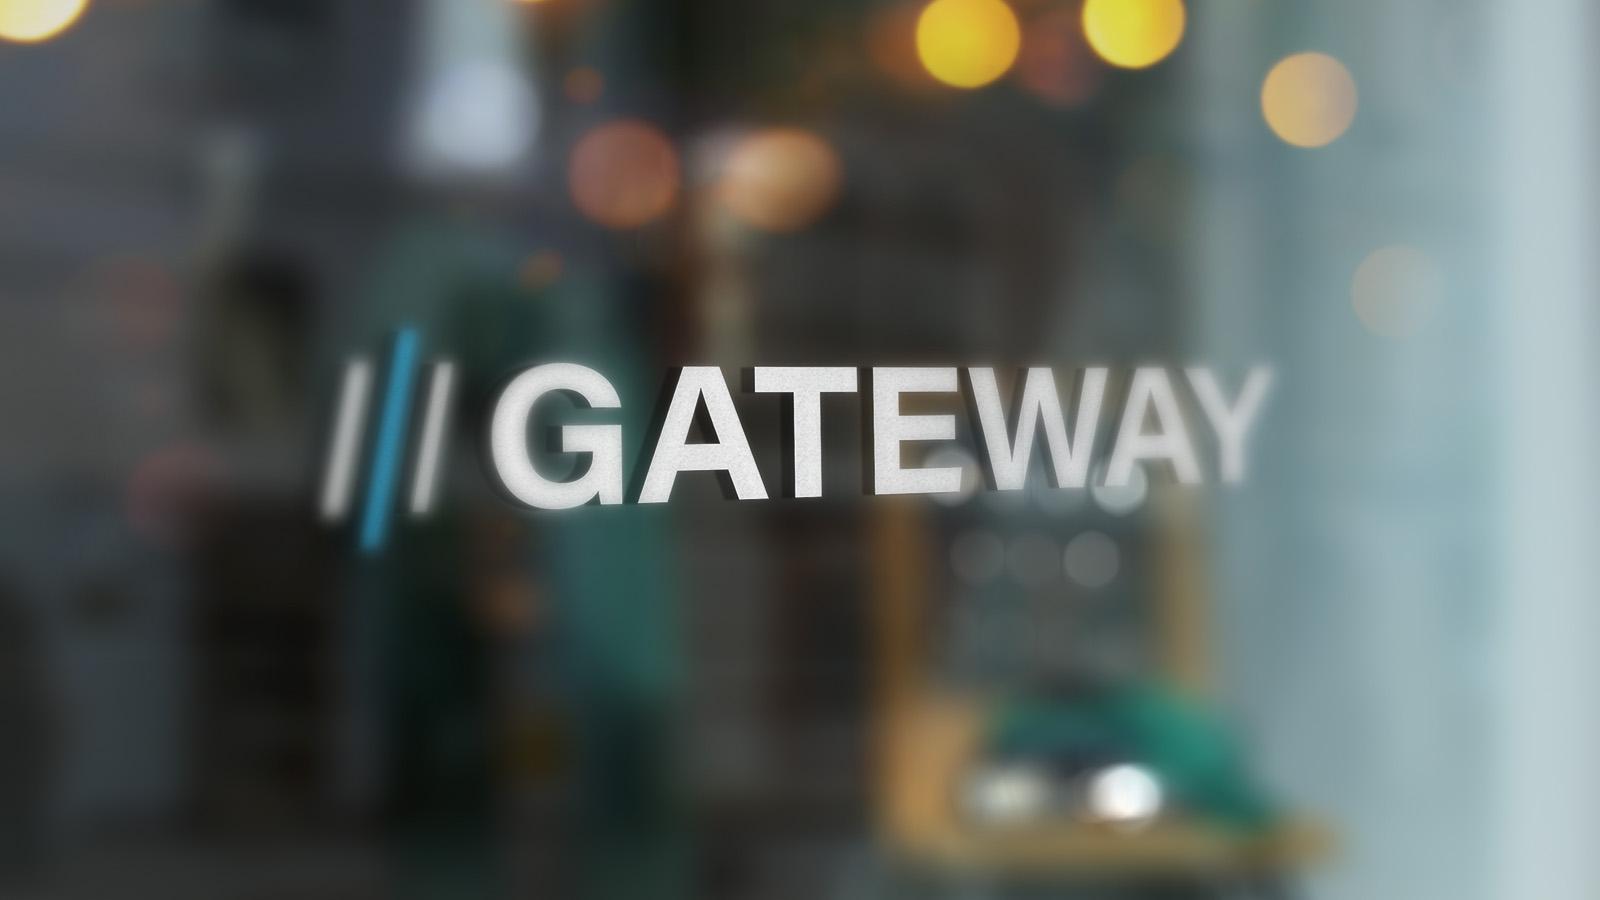 Gateway_window.jpg